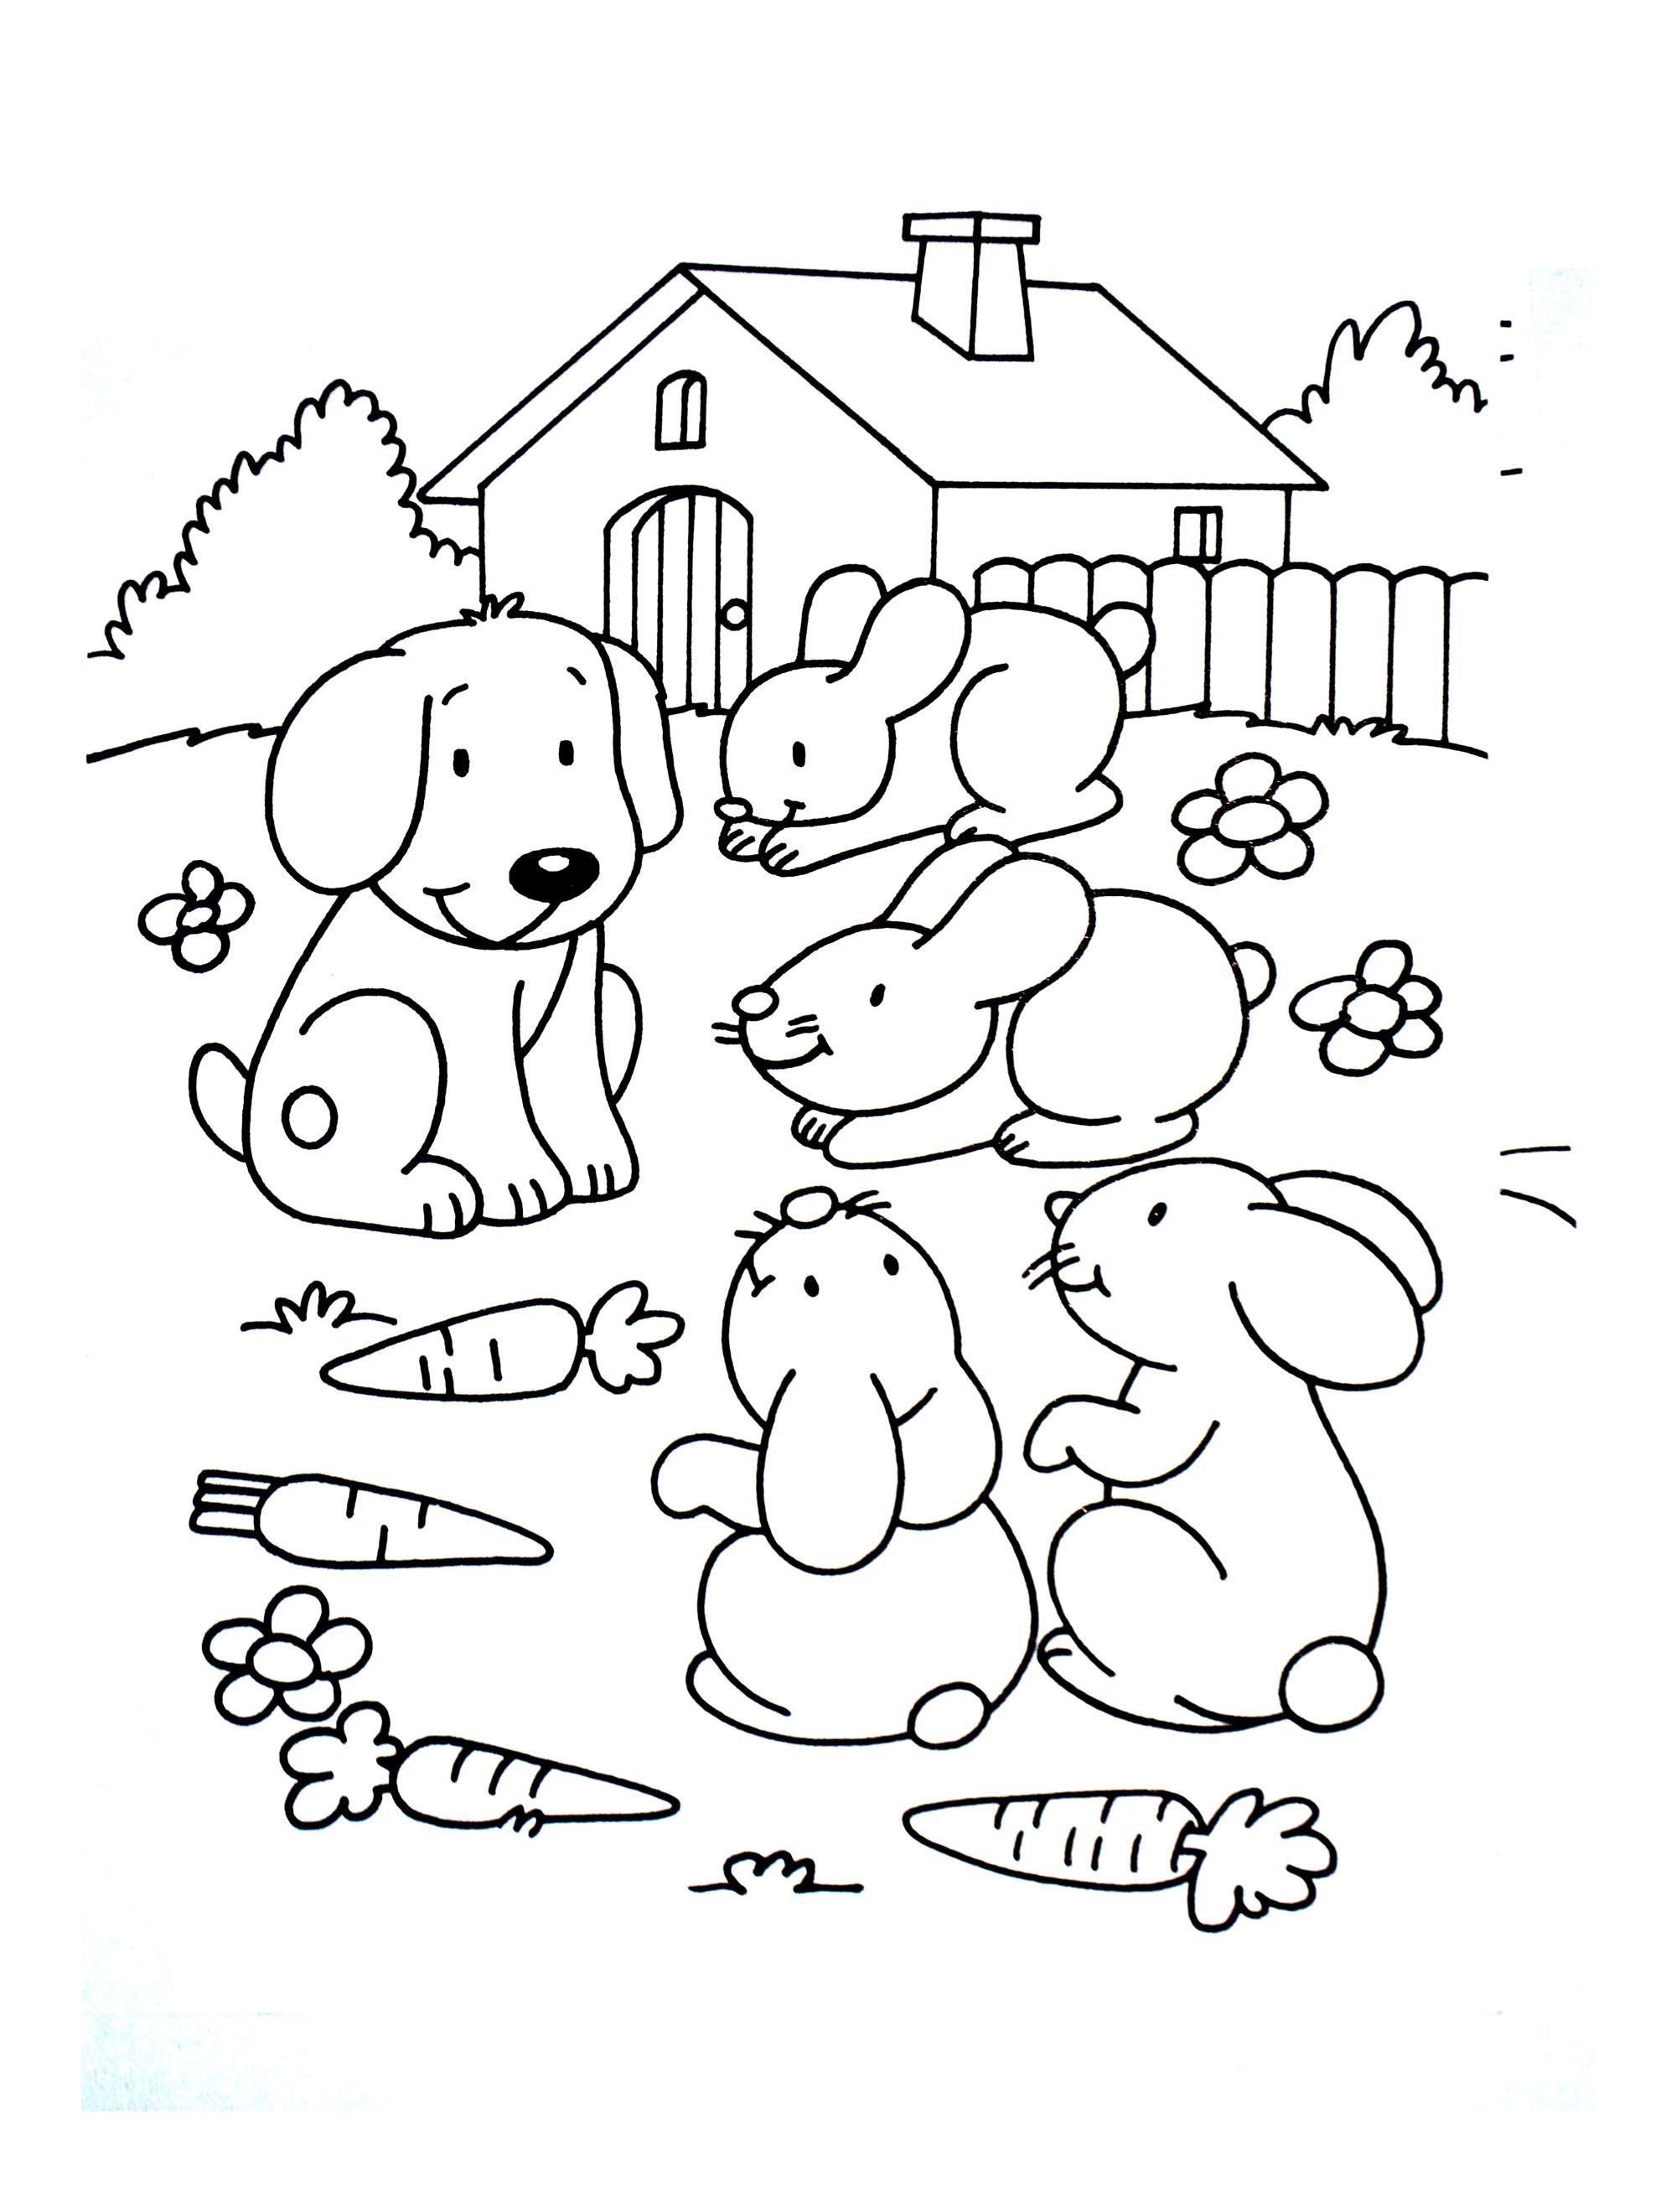 A imprimer chats 3 coloriage sur la ferme tracteurs fermier animaux coloriages pour - Coloriage de fermier ...